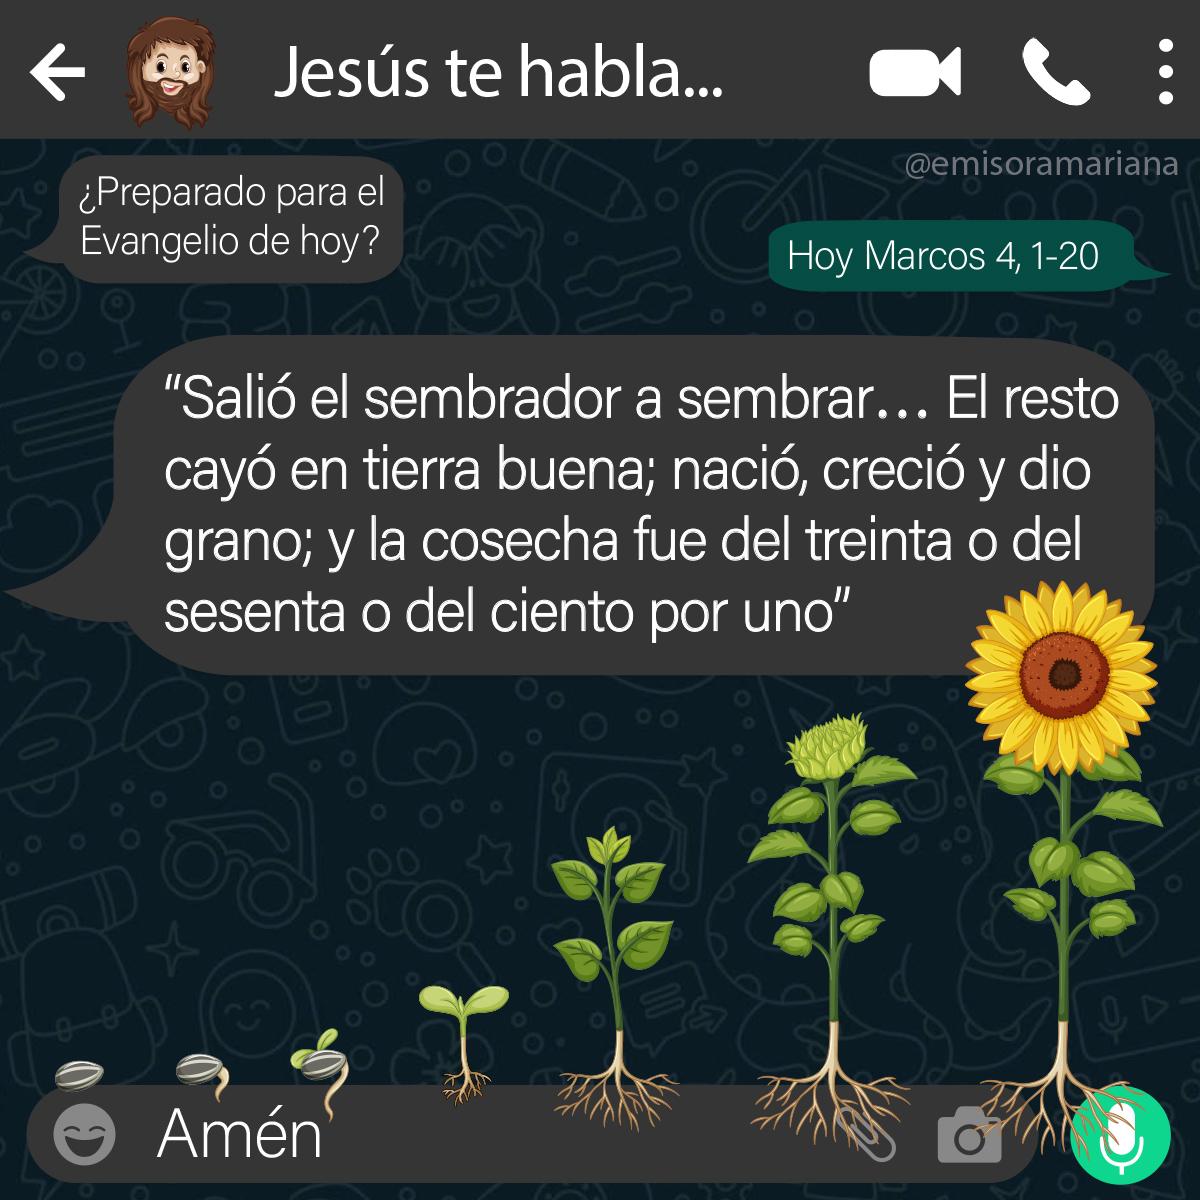 😳¿Nuestro corazón es un buen terreno para la siembra de Dios?🤭😇  🌾 #27Ene #EvangelioDelDia #FelizMiercoles #27Enero #FelizMiércolesATodos #BuenosDias #Feliz2021 #WhatsApp